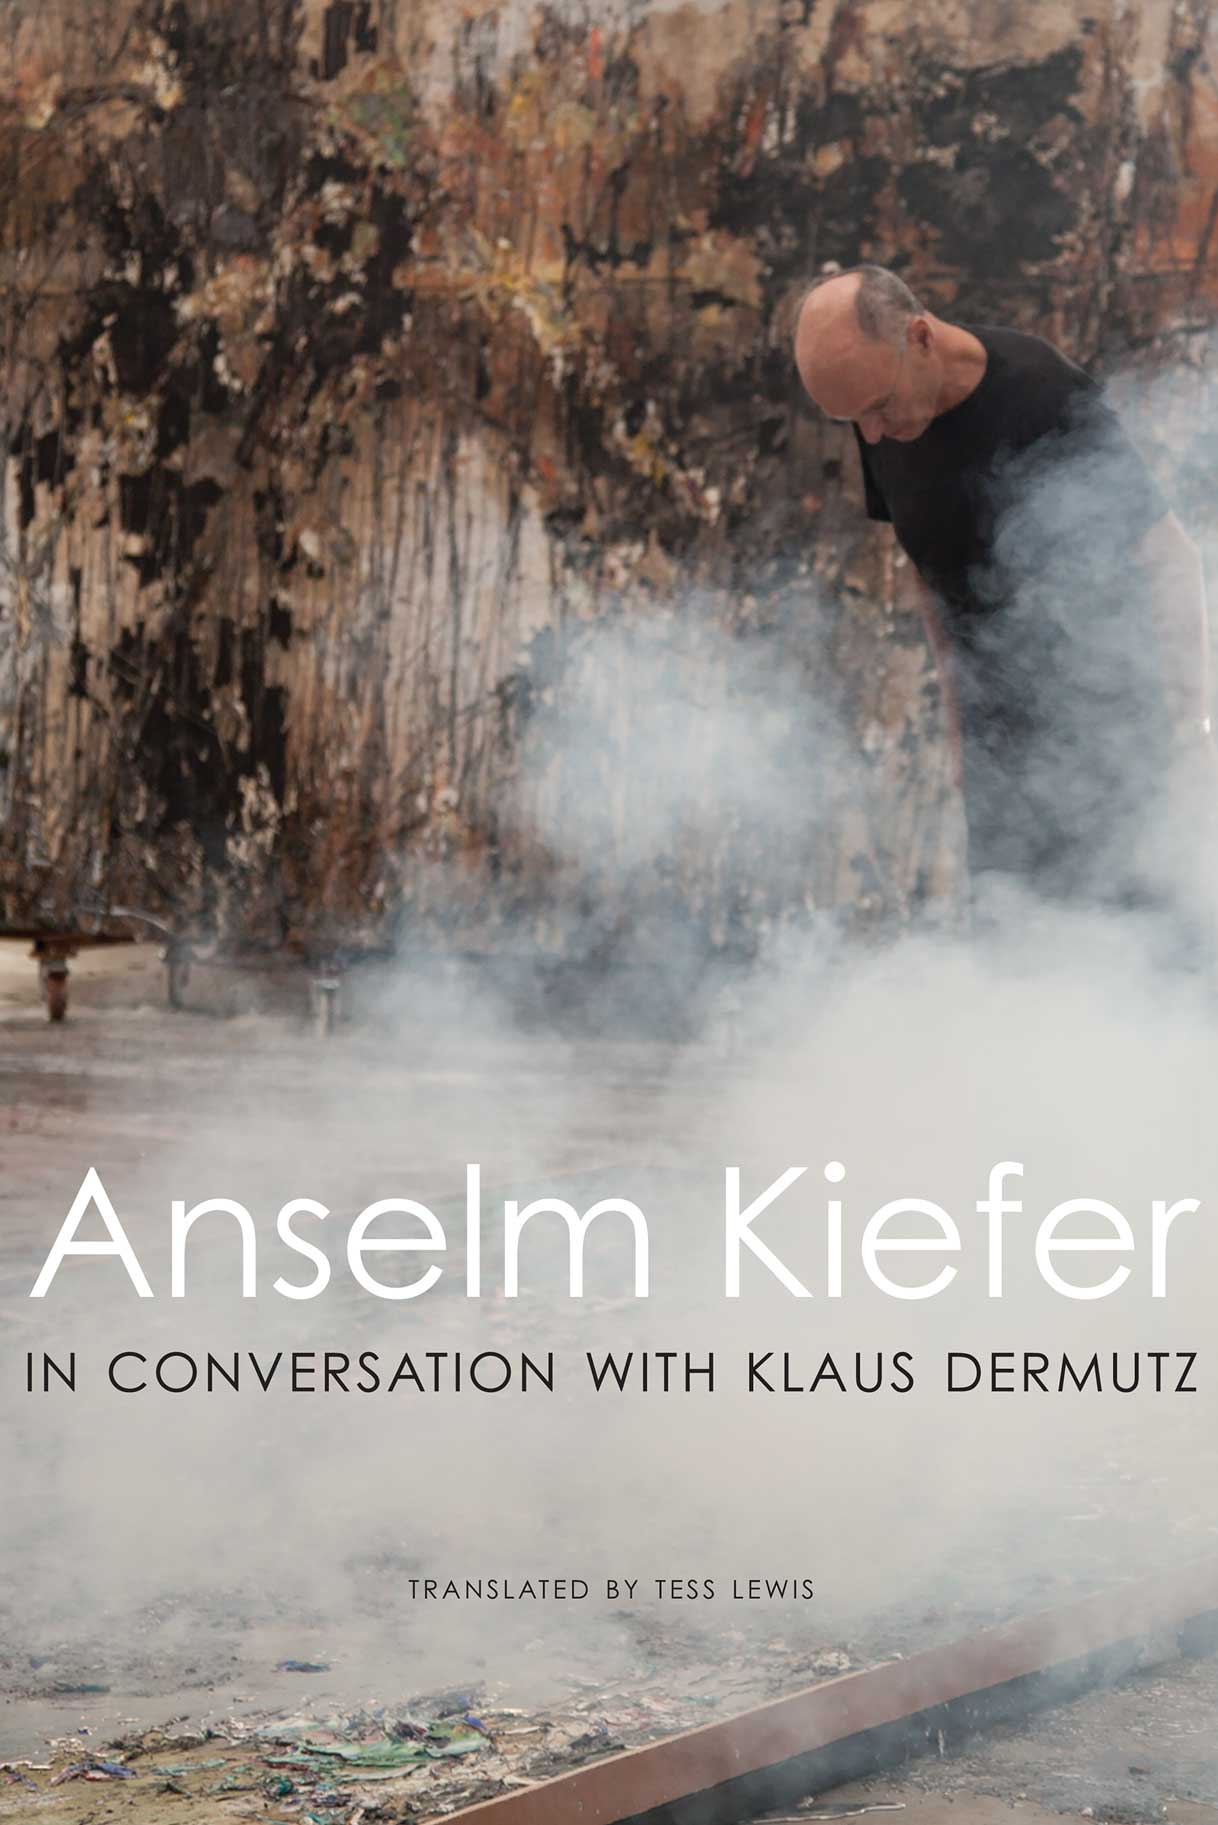 Anselm Kiefer in Conversation with Klaus Dermutz |  Seagull Books